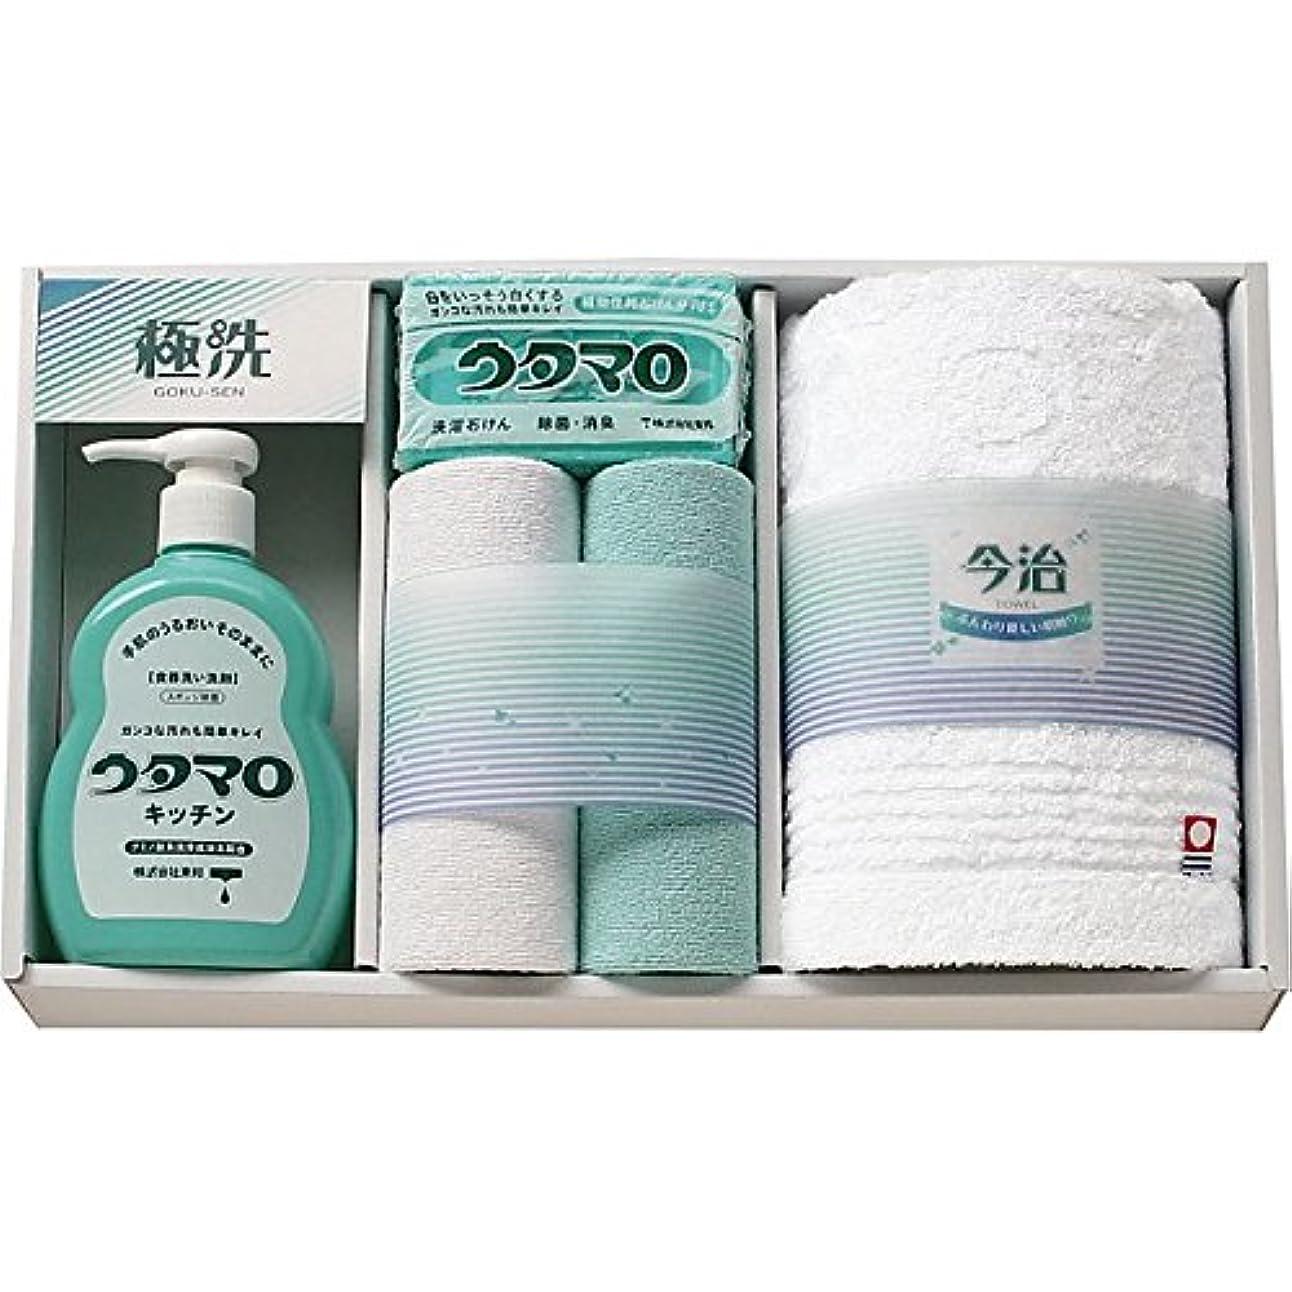 ブリリアント斧牛肉( ウタマロ ) 石鹸?キッチン洗剤ギフト ( 835-1055r )